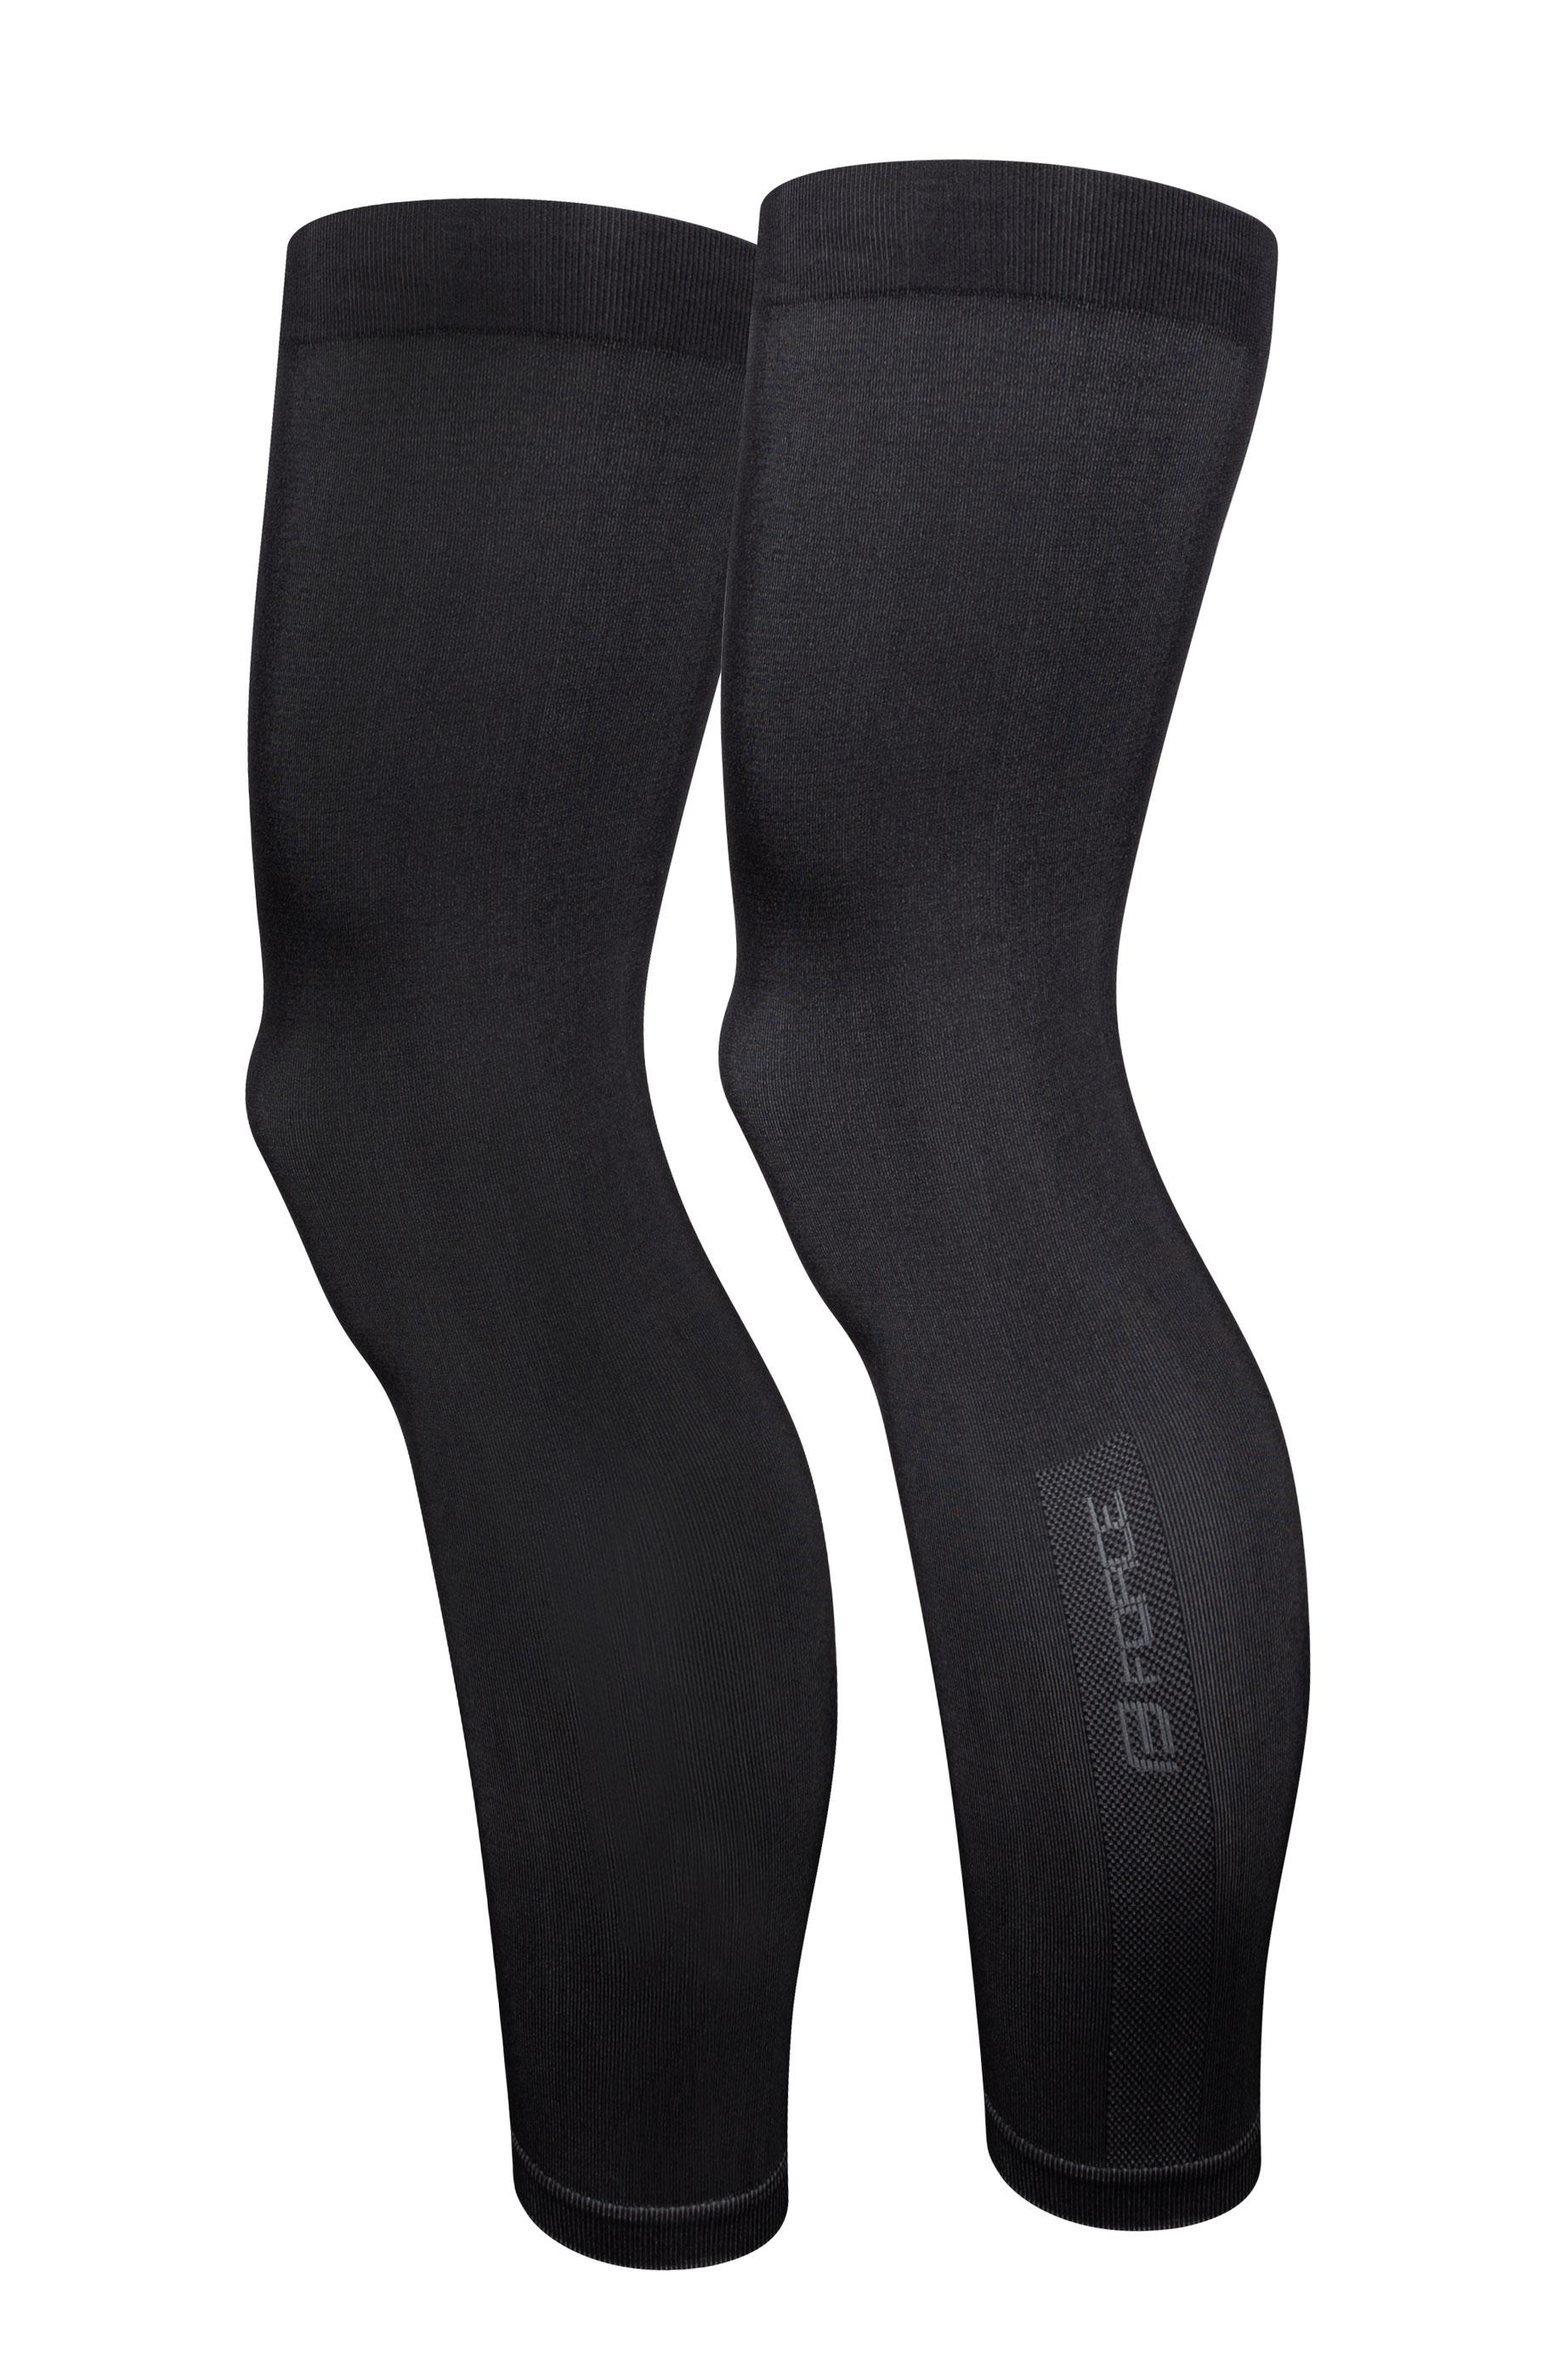 návleky na nohy FORCE BREEZE pletené, černé XS-S